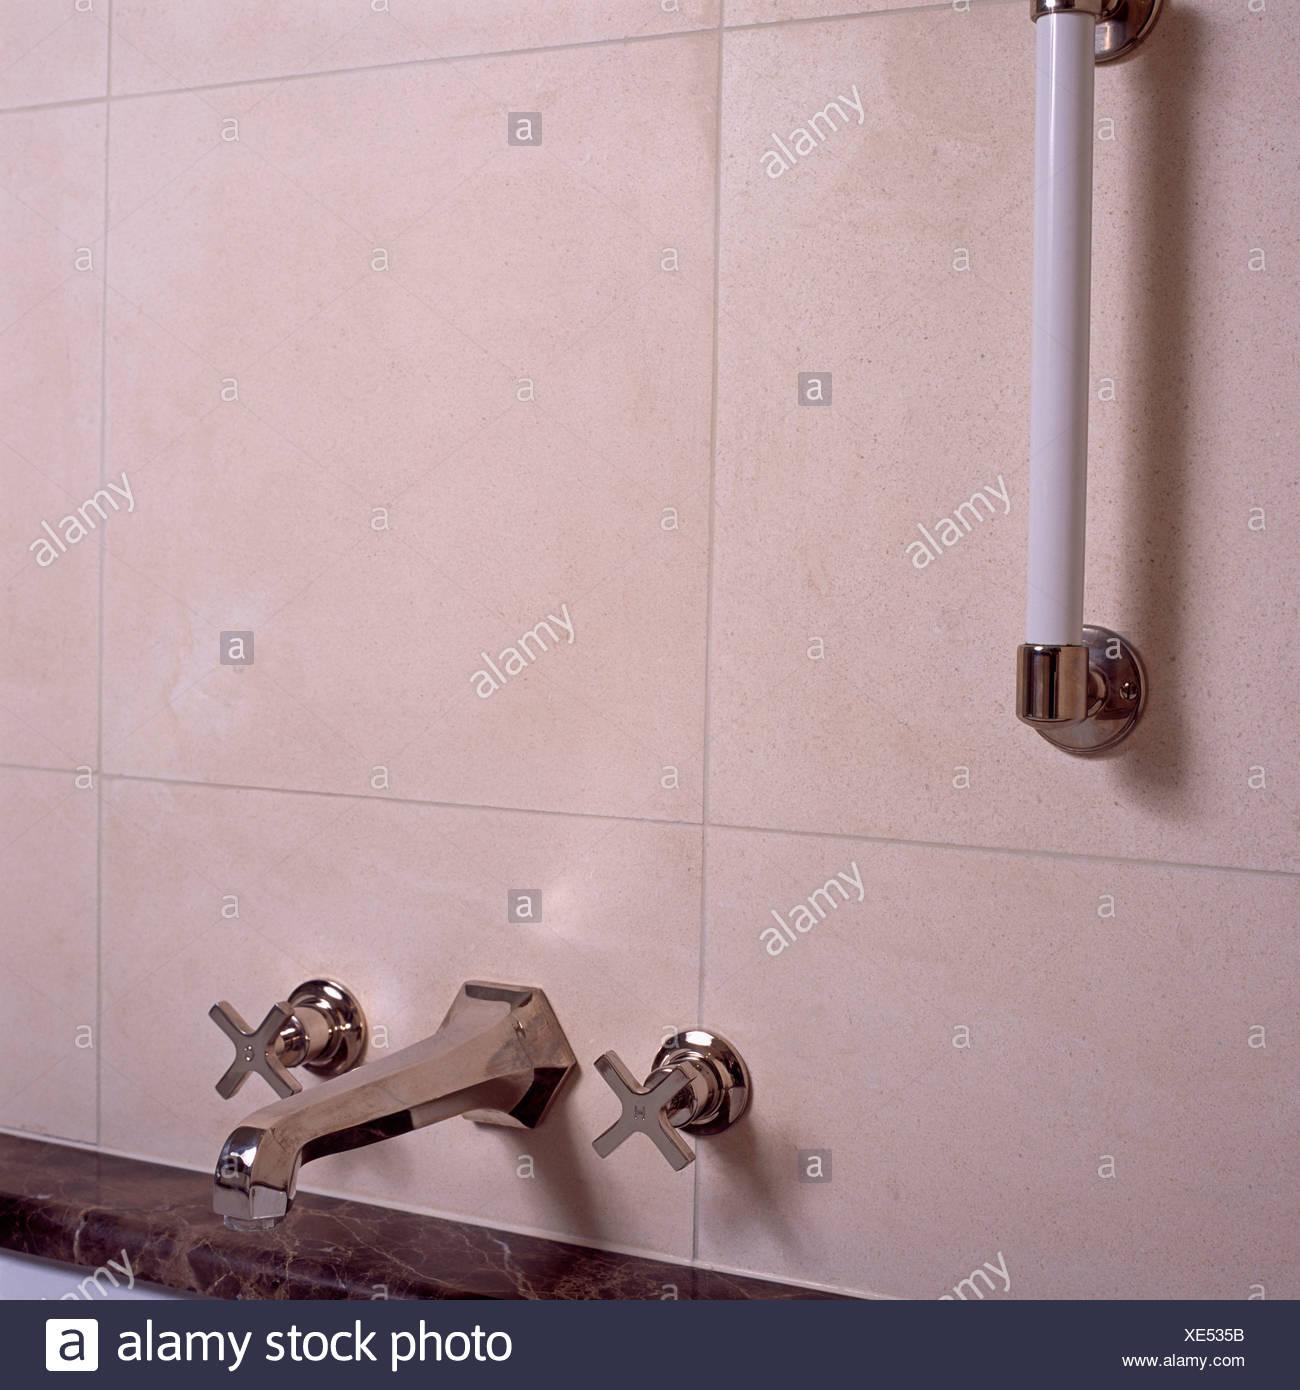 Handrail Bathroom Stock Photos & Handrail Bathroom Stock Images - Alamy